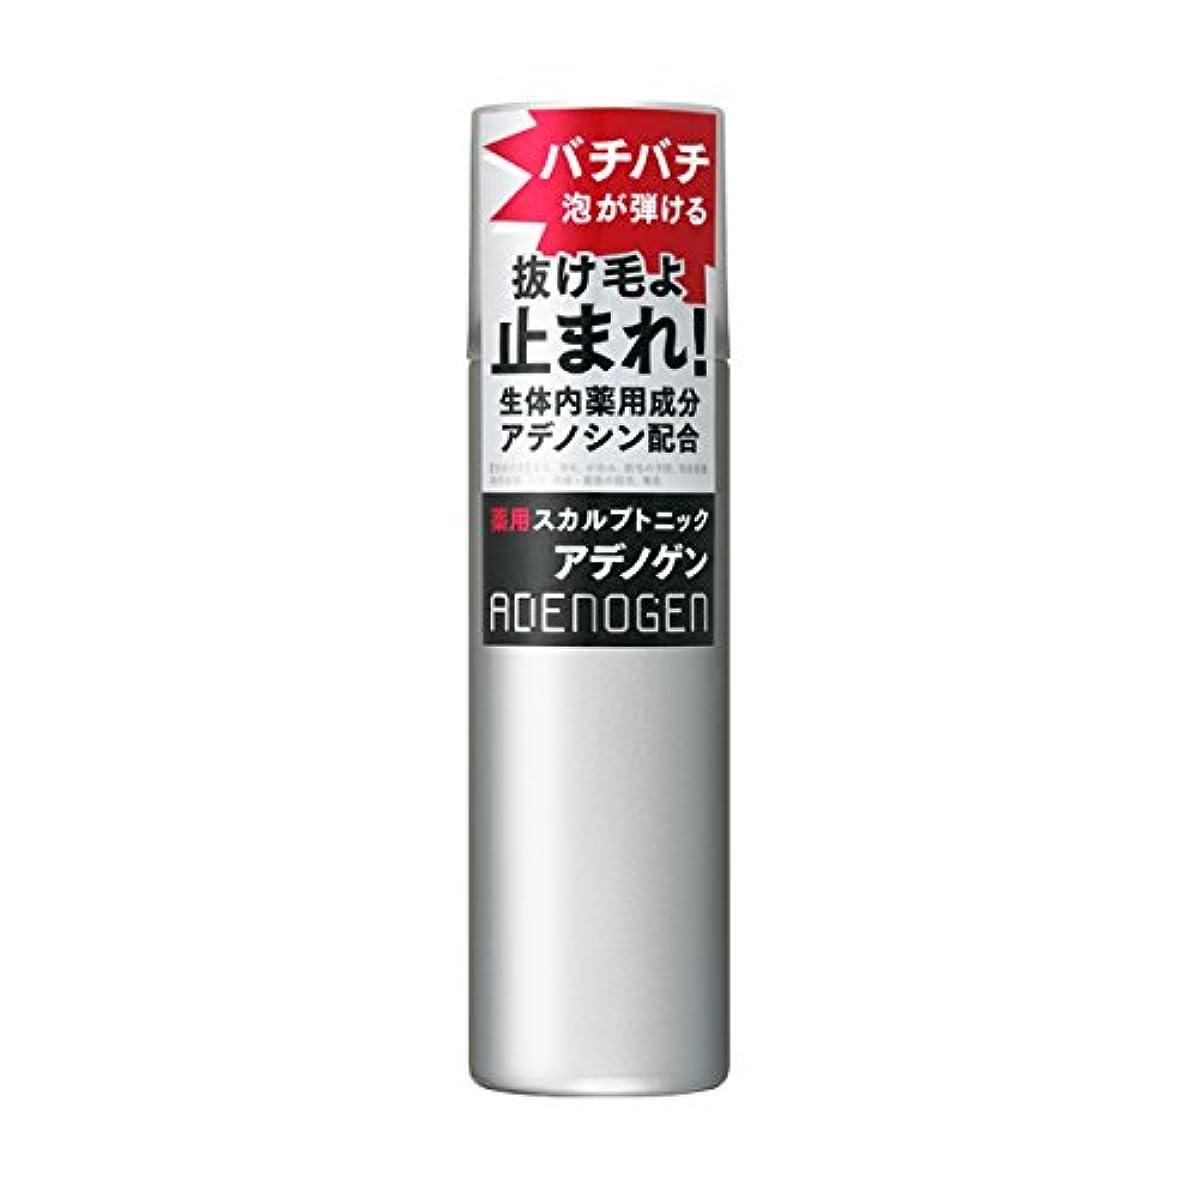 クローゼットベアリング全部アデノゲン 薬用スカルプトニック 130g 【医薬部外品】